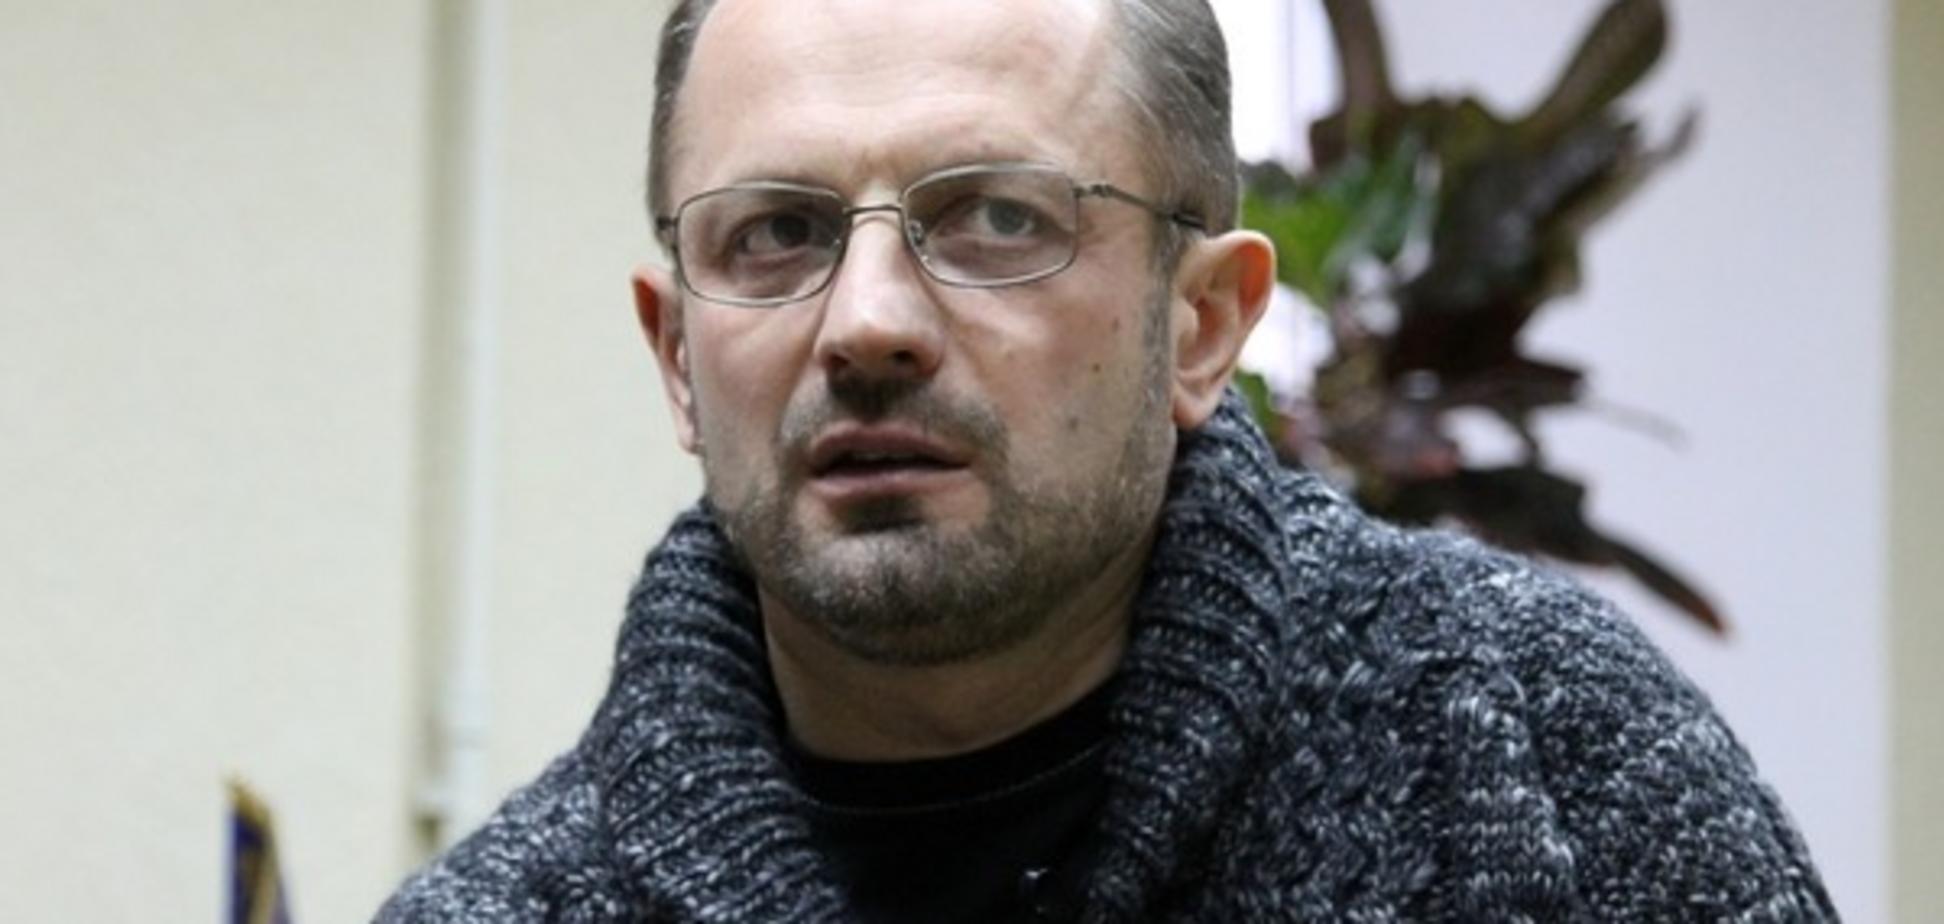 Безсмертный: армия Беларуси не окажет сопротивления в случае российской агрессии